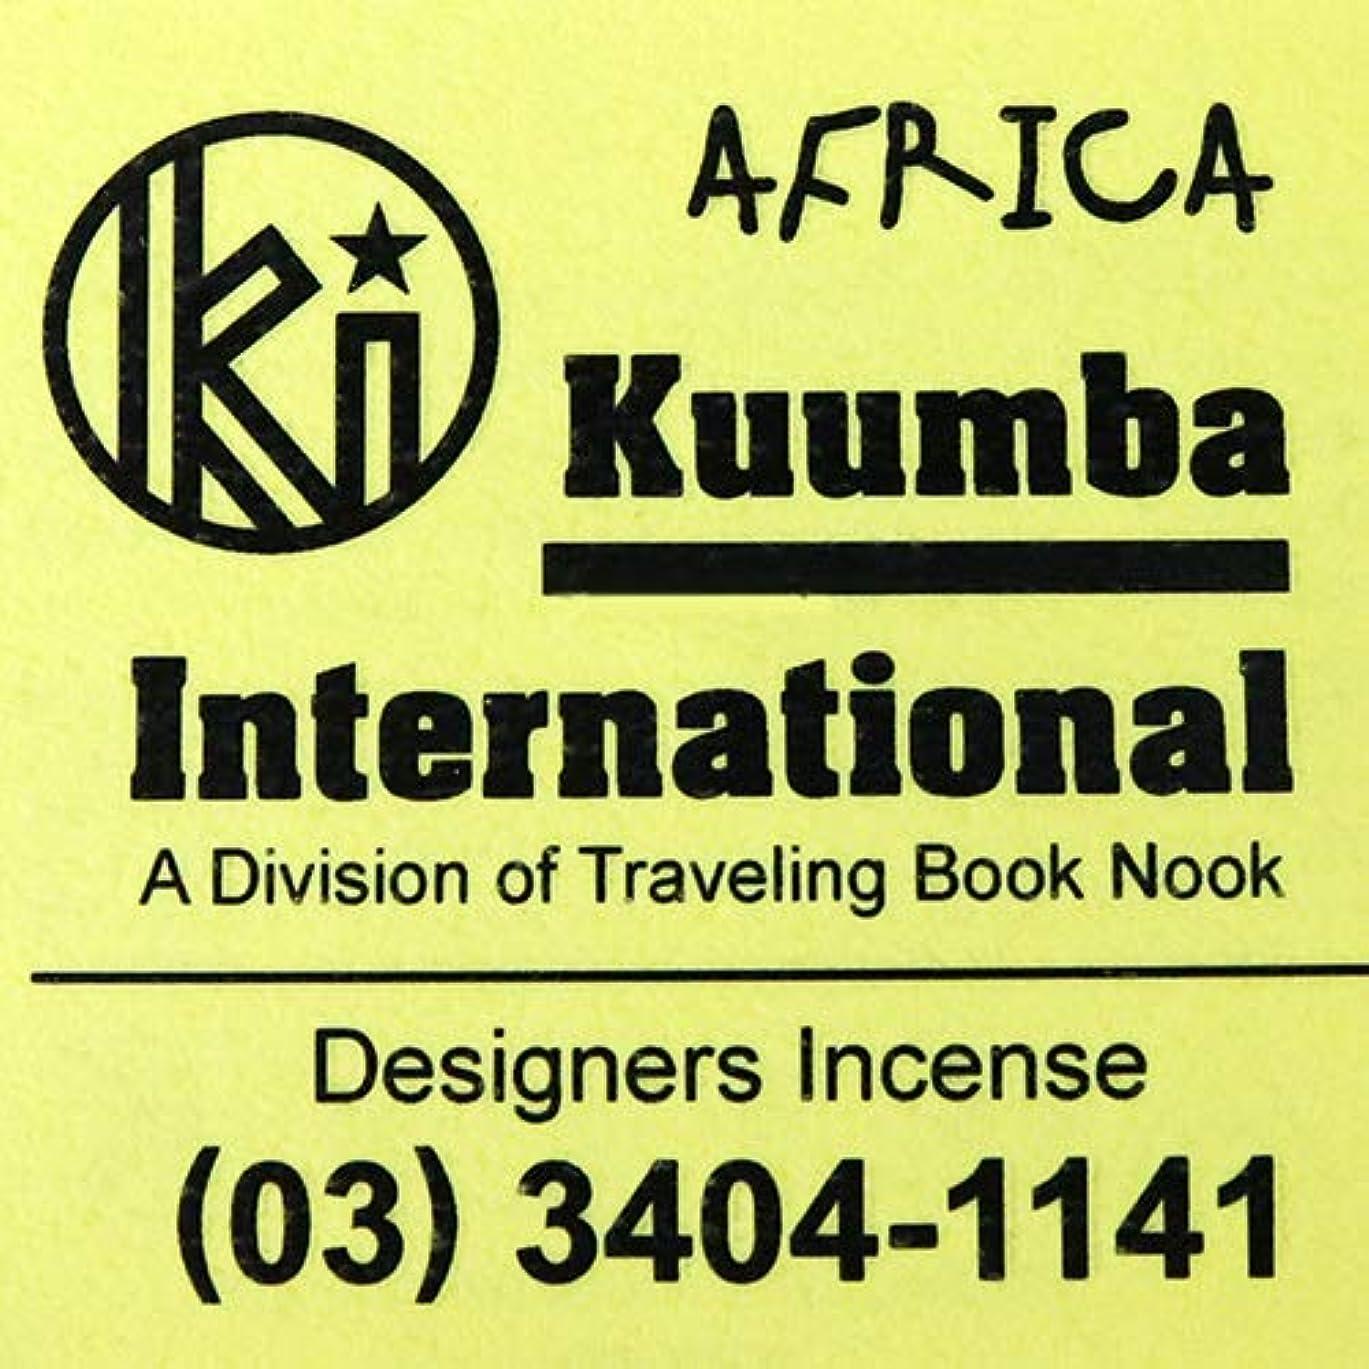 三番試用フェデレーション(クンバ) KUUMBA『incense』(AFRICA) (AFRICA, Regular size)